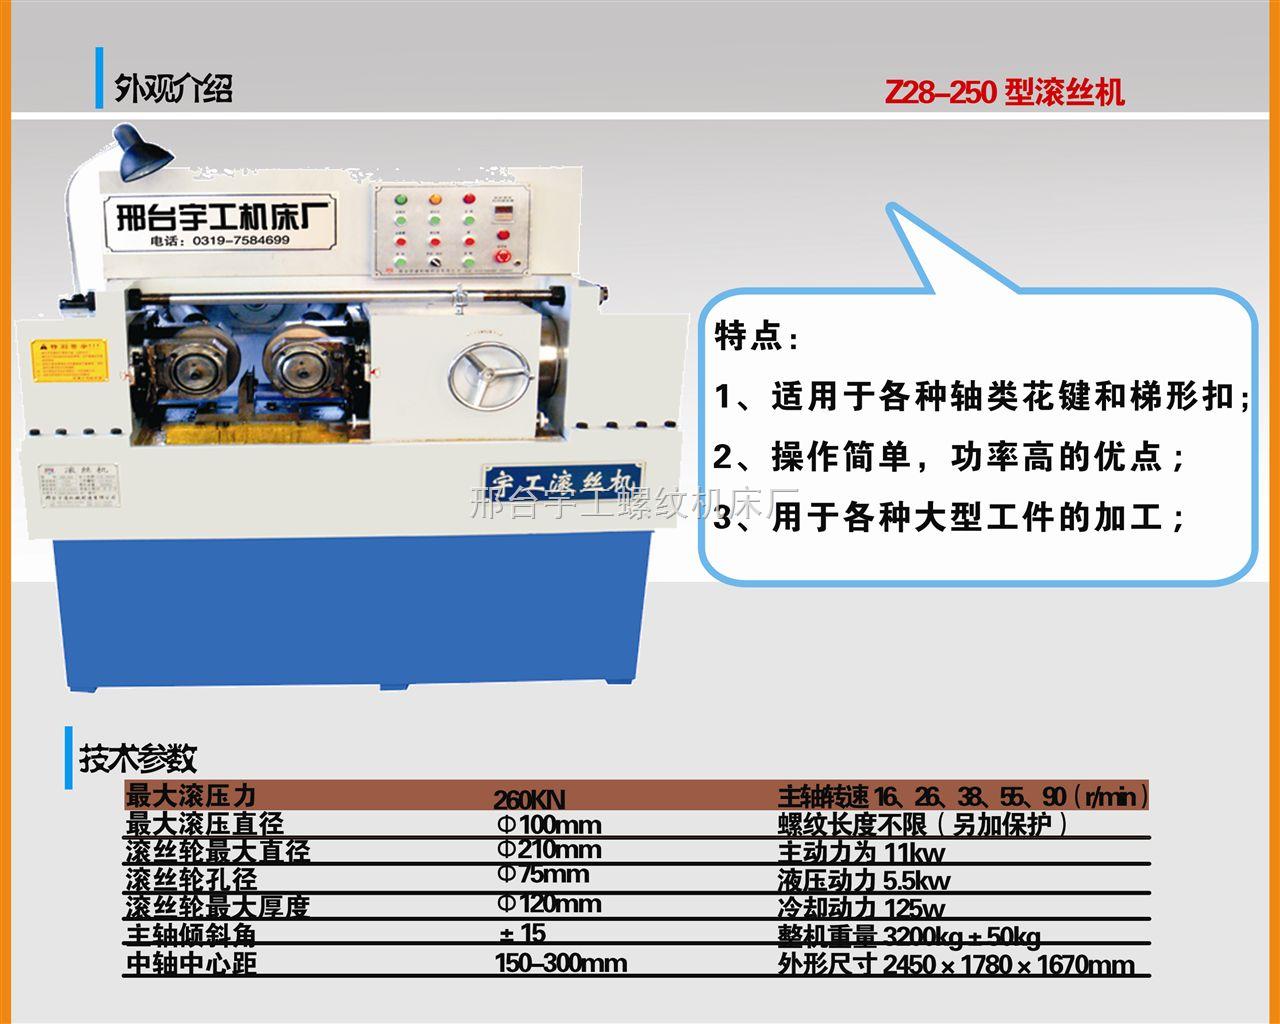 邢台滚丝机,滚丝机价格,滚丝机厂,Z28-250型滚丝机,